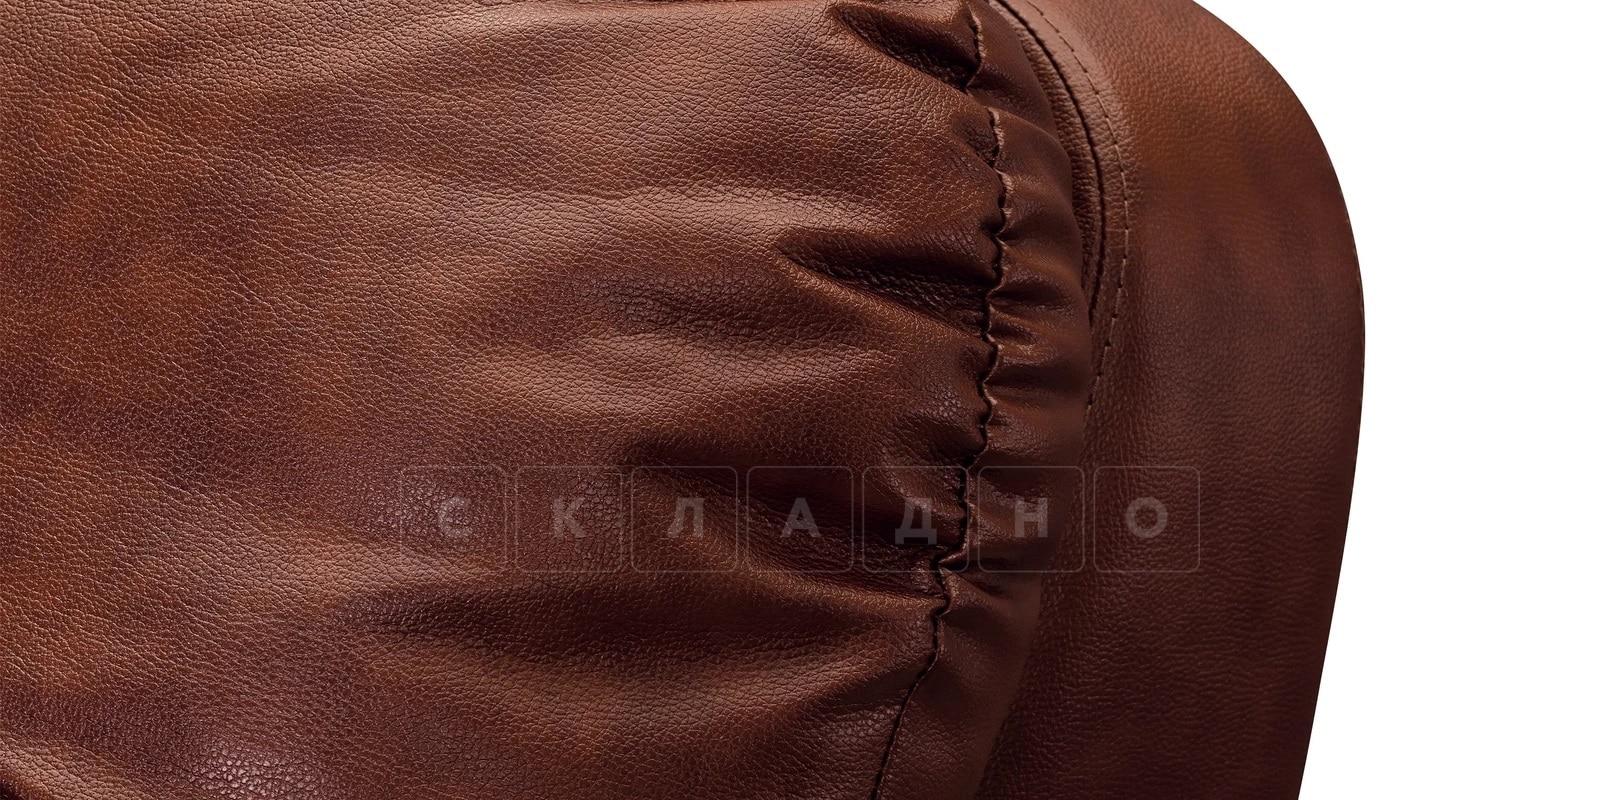 Кресло Бристоль кожаное коричневого цвета фото 5 | интернет-магазин Складно